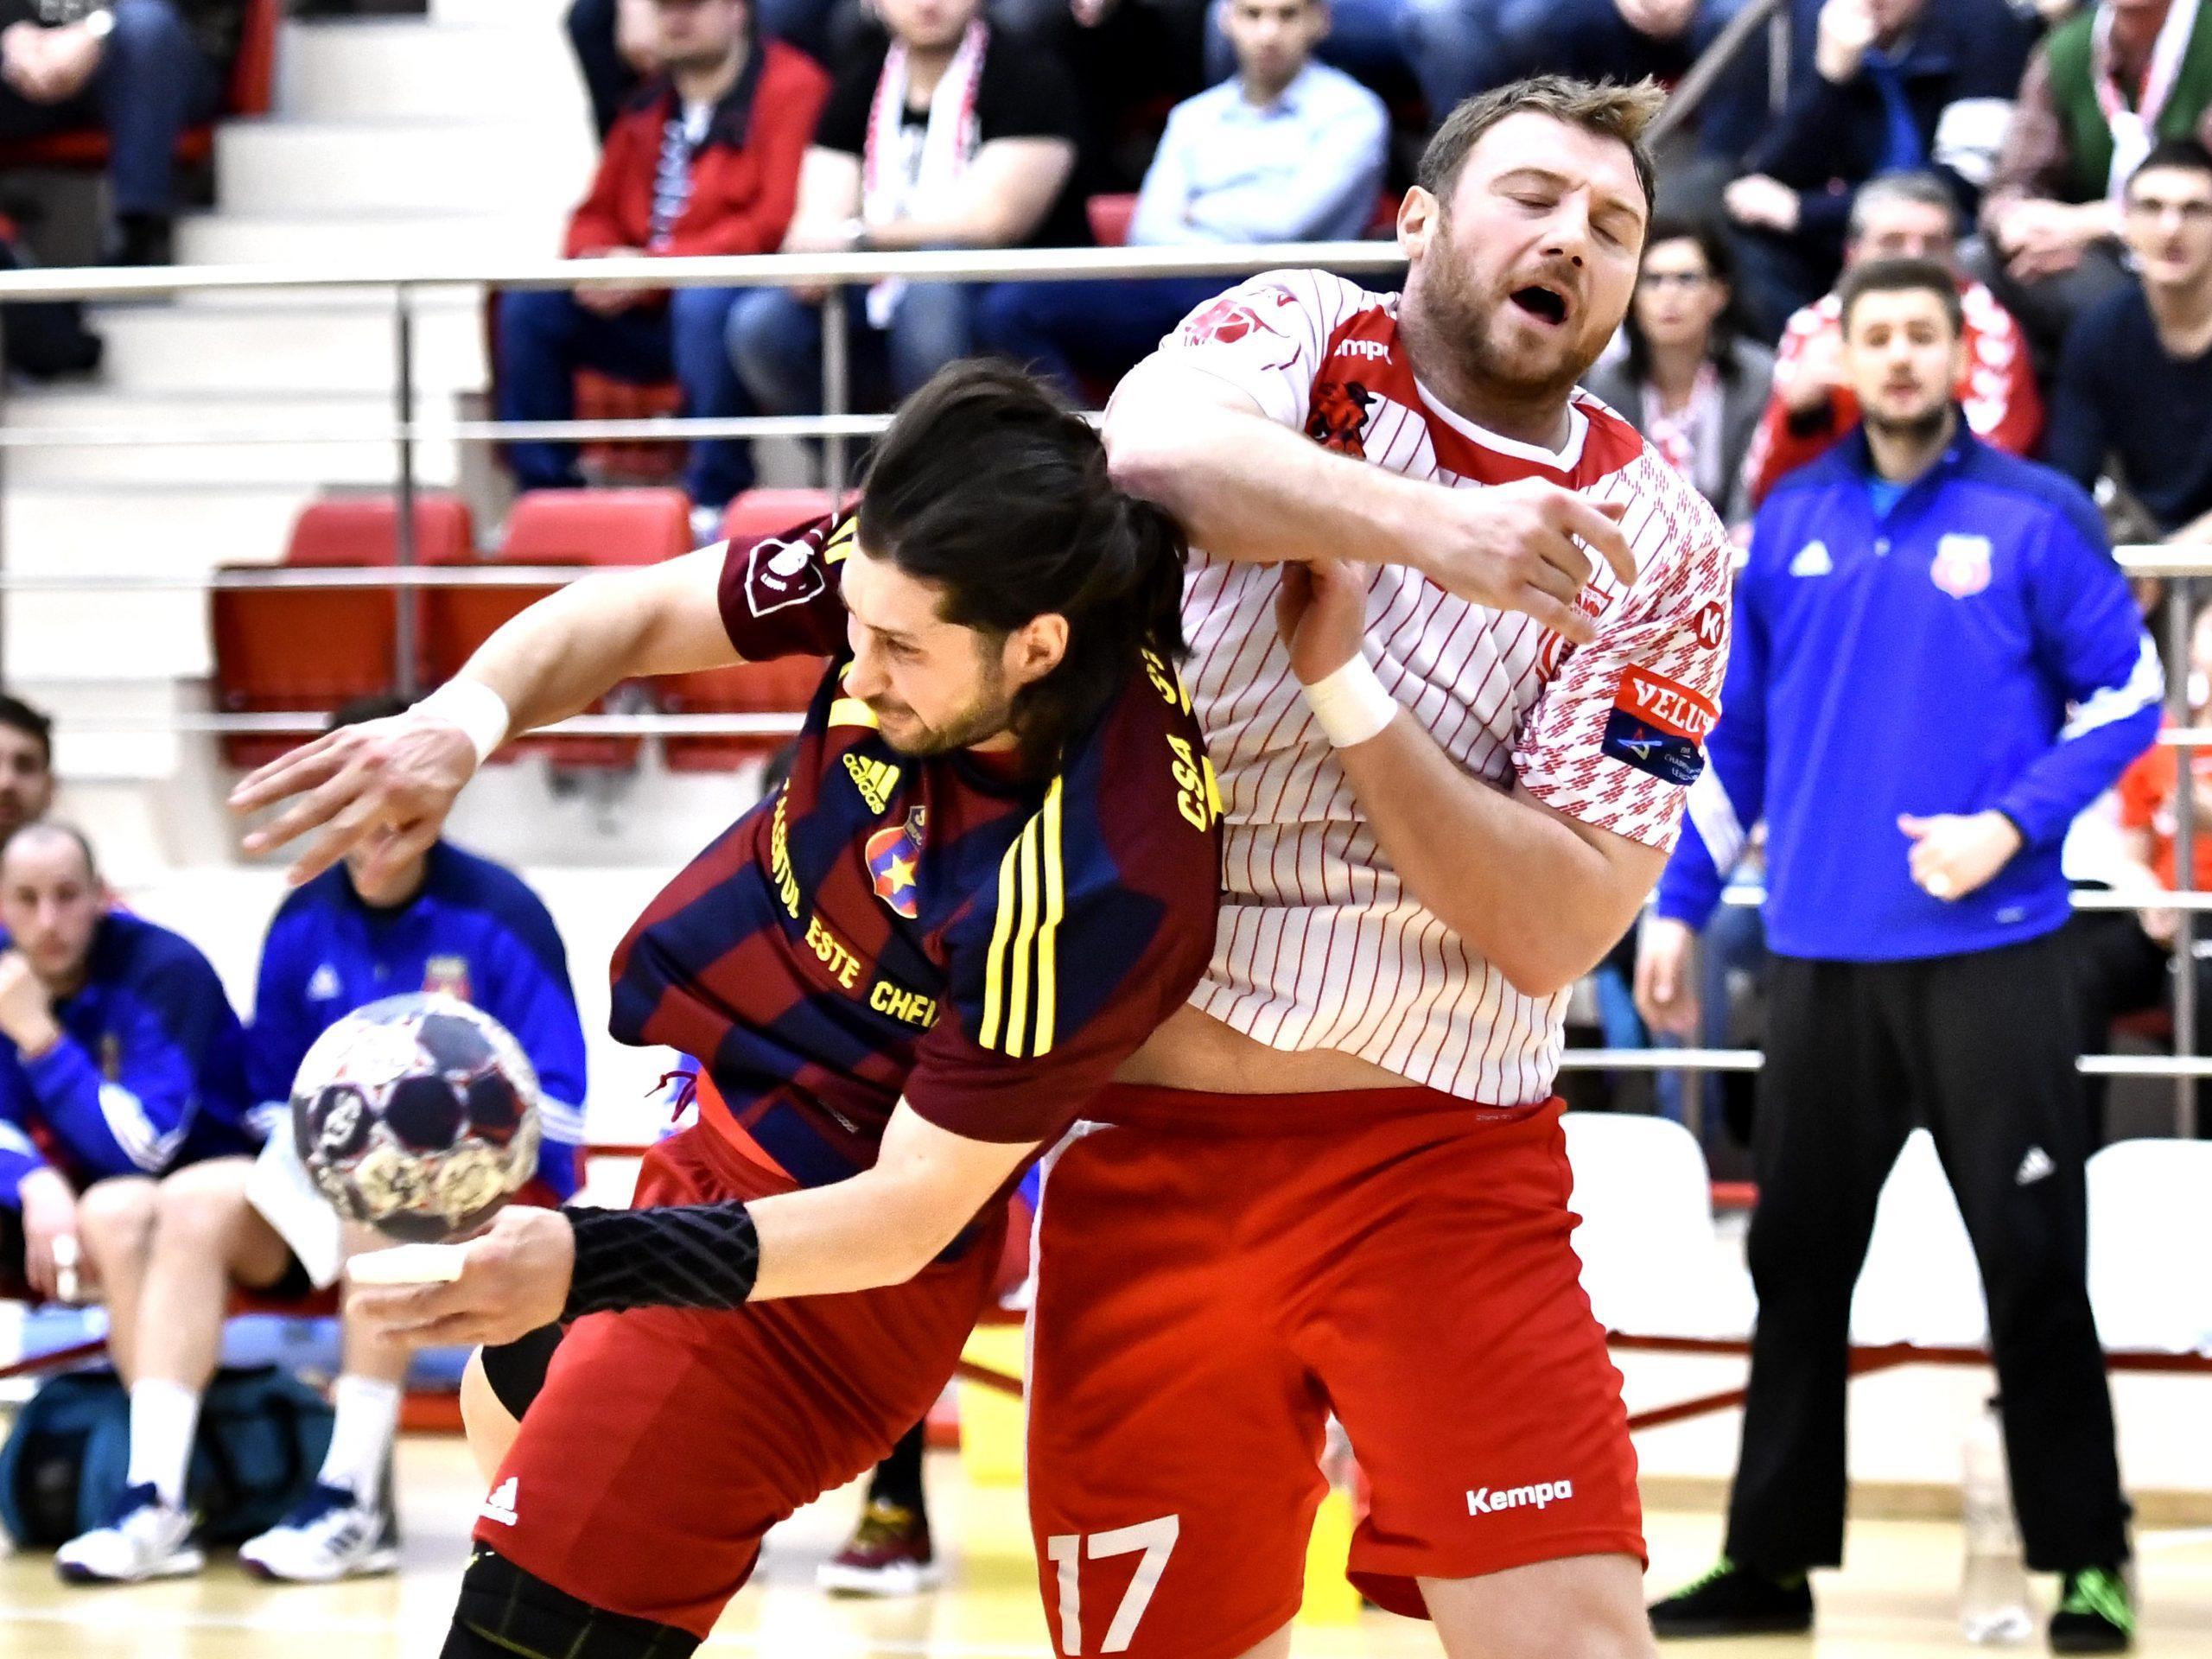 Decizii dure luate de EHF: Dinamo, eliminată din Liga Campionilor fără să joace cu PSG. Ce se întâmplă cu naționalele României